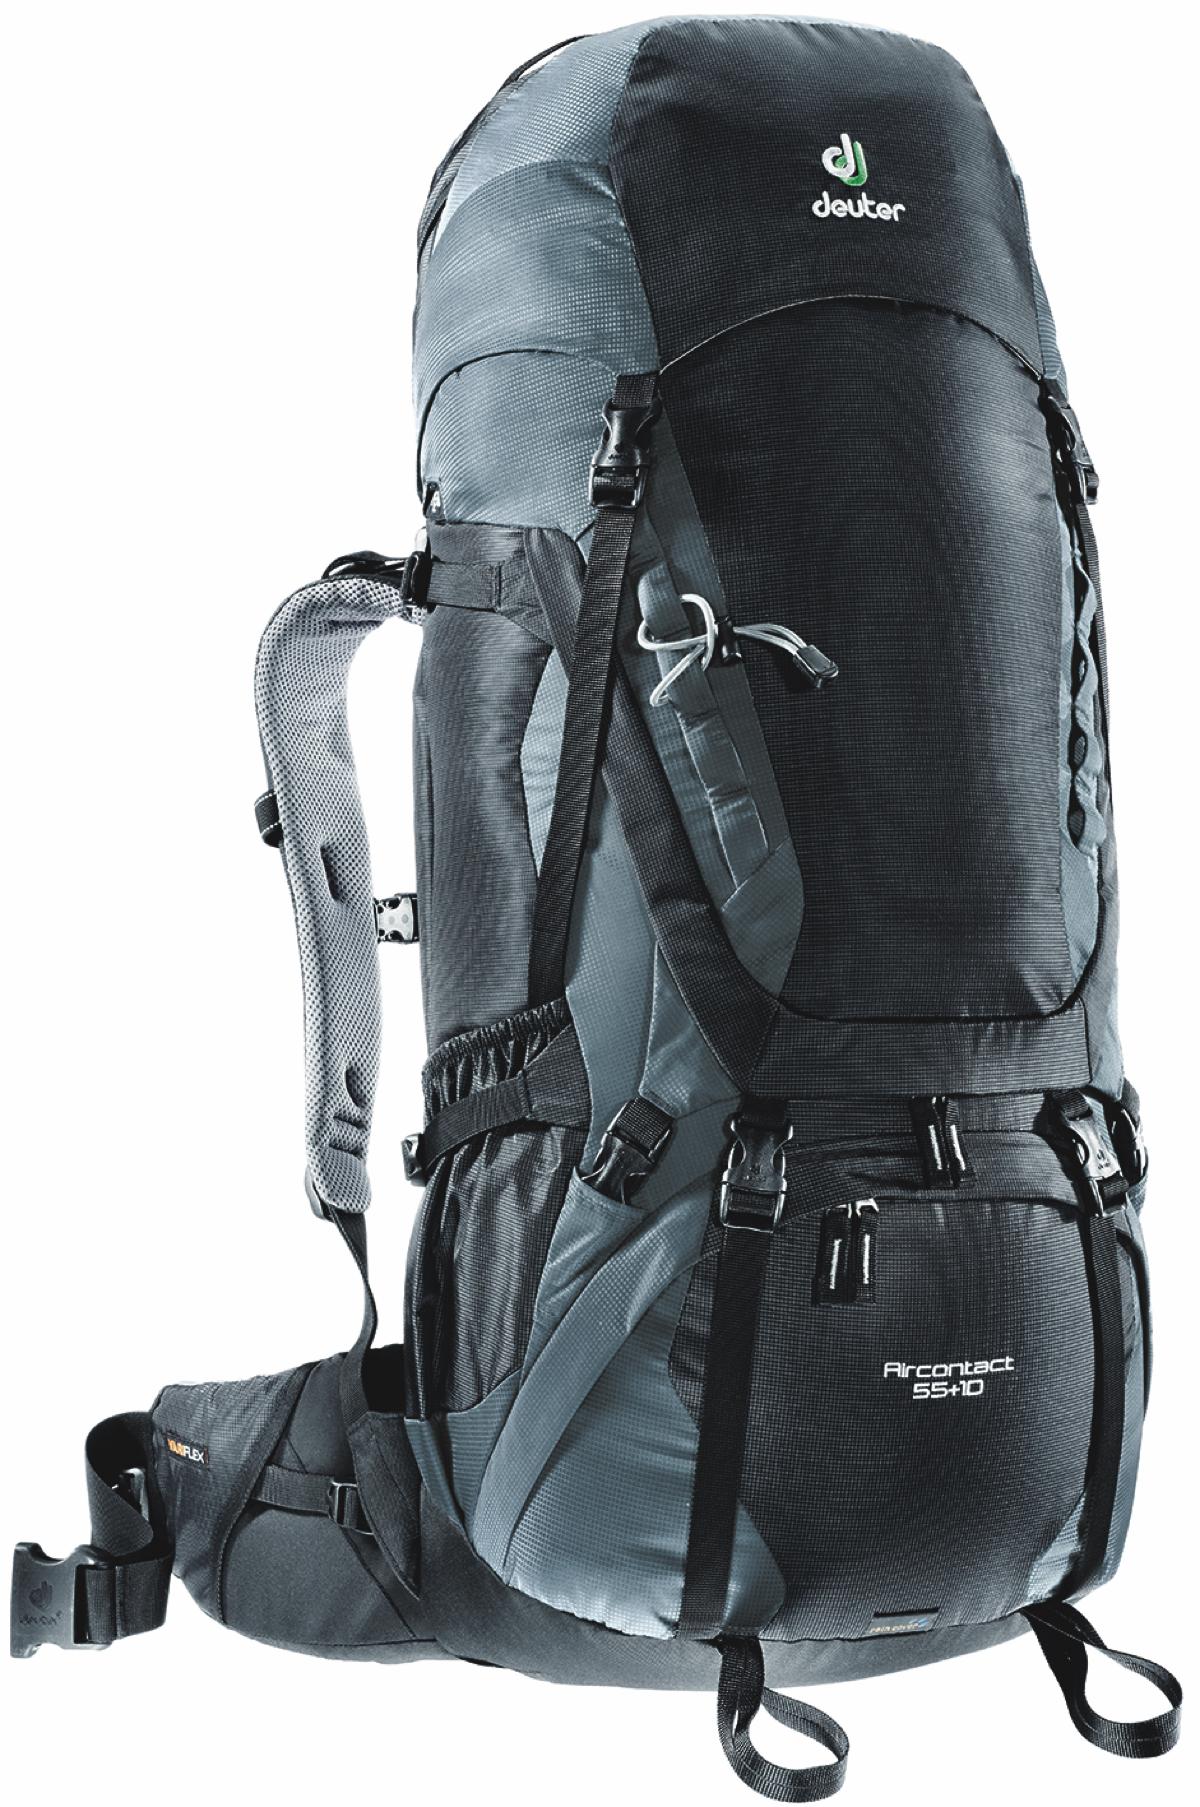 Deuter - AirContact 55+10 - Backpack